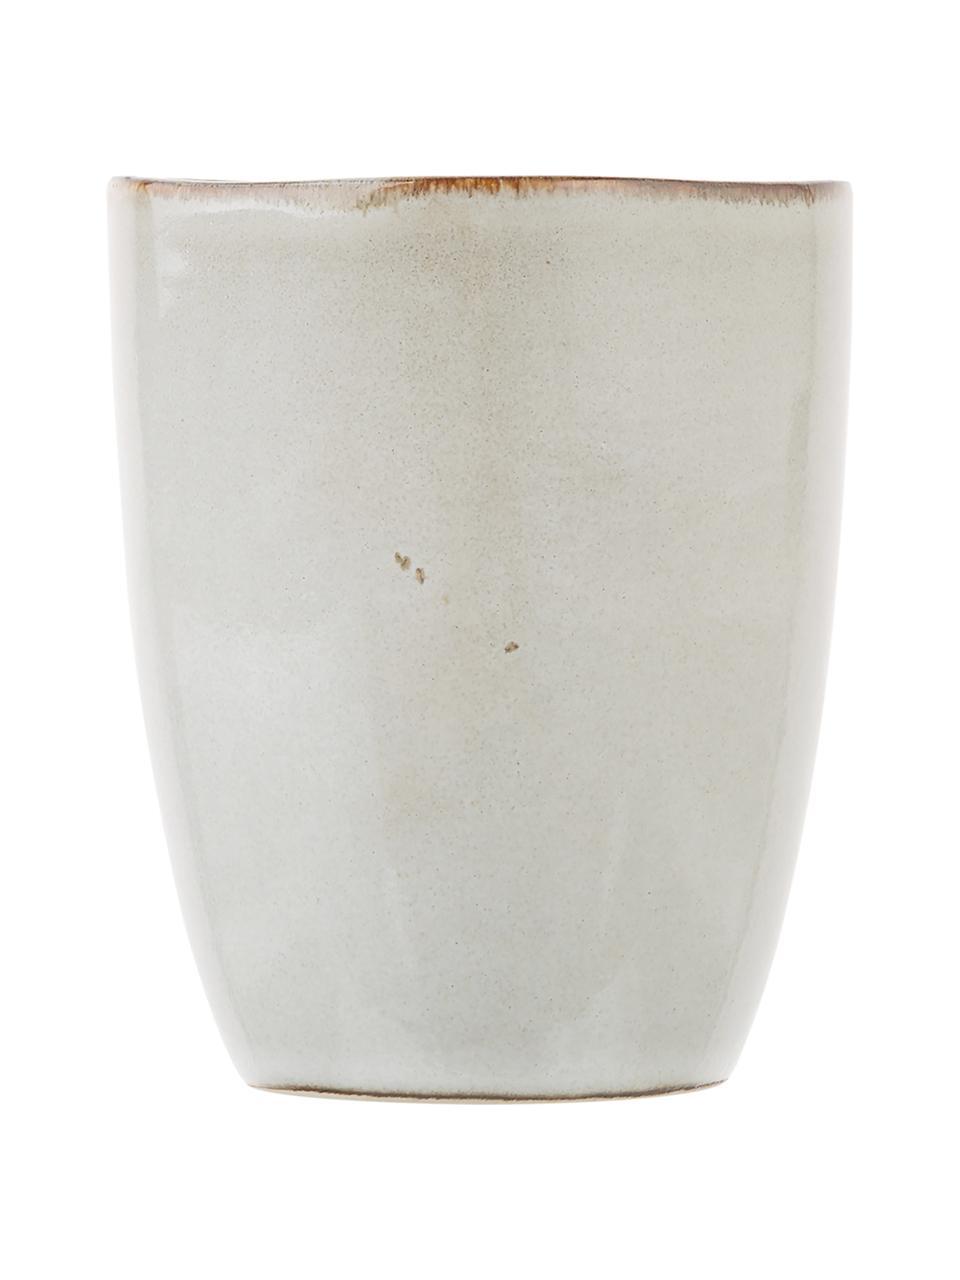 Handgemachte Becher Thalia in Beige, 2 Stück, Steingut, Beige, Ø 9 x H 11 cm